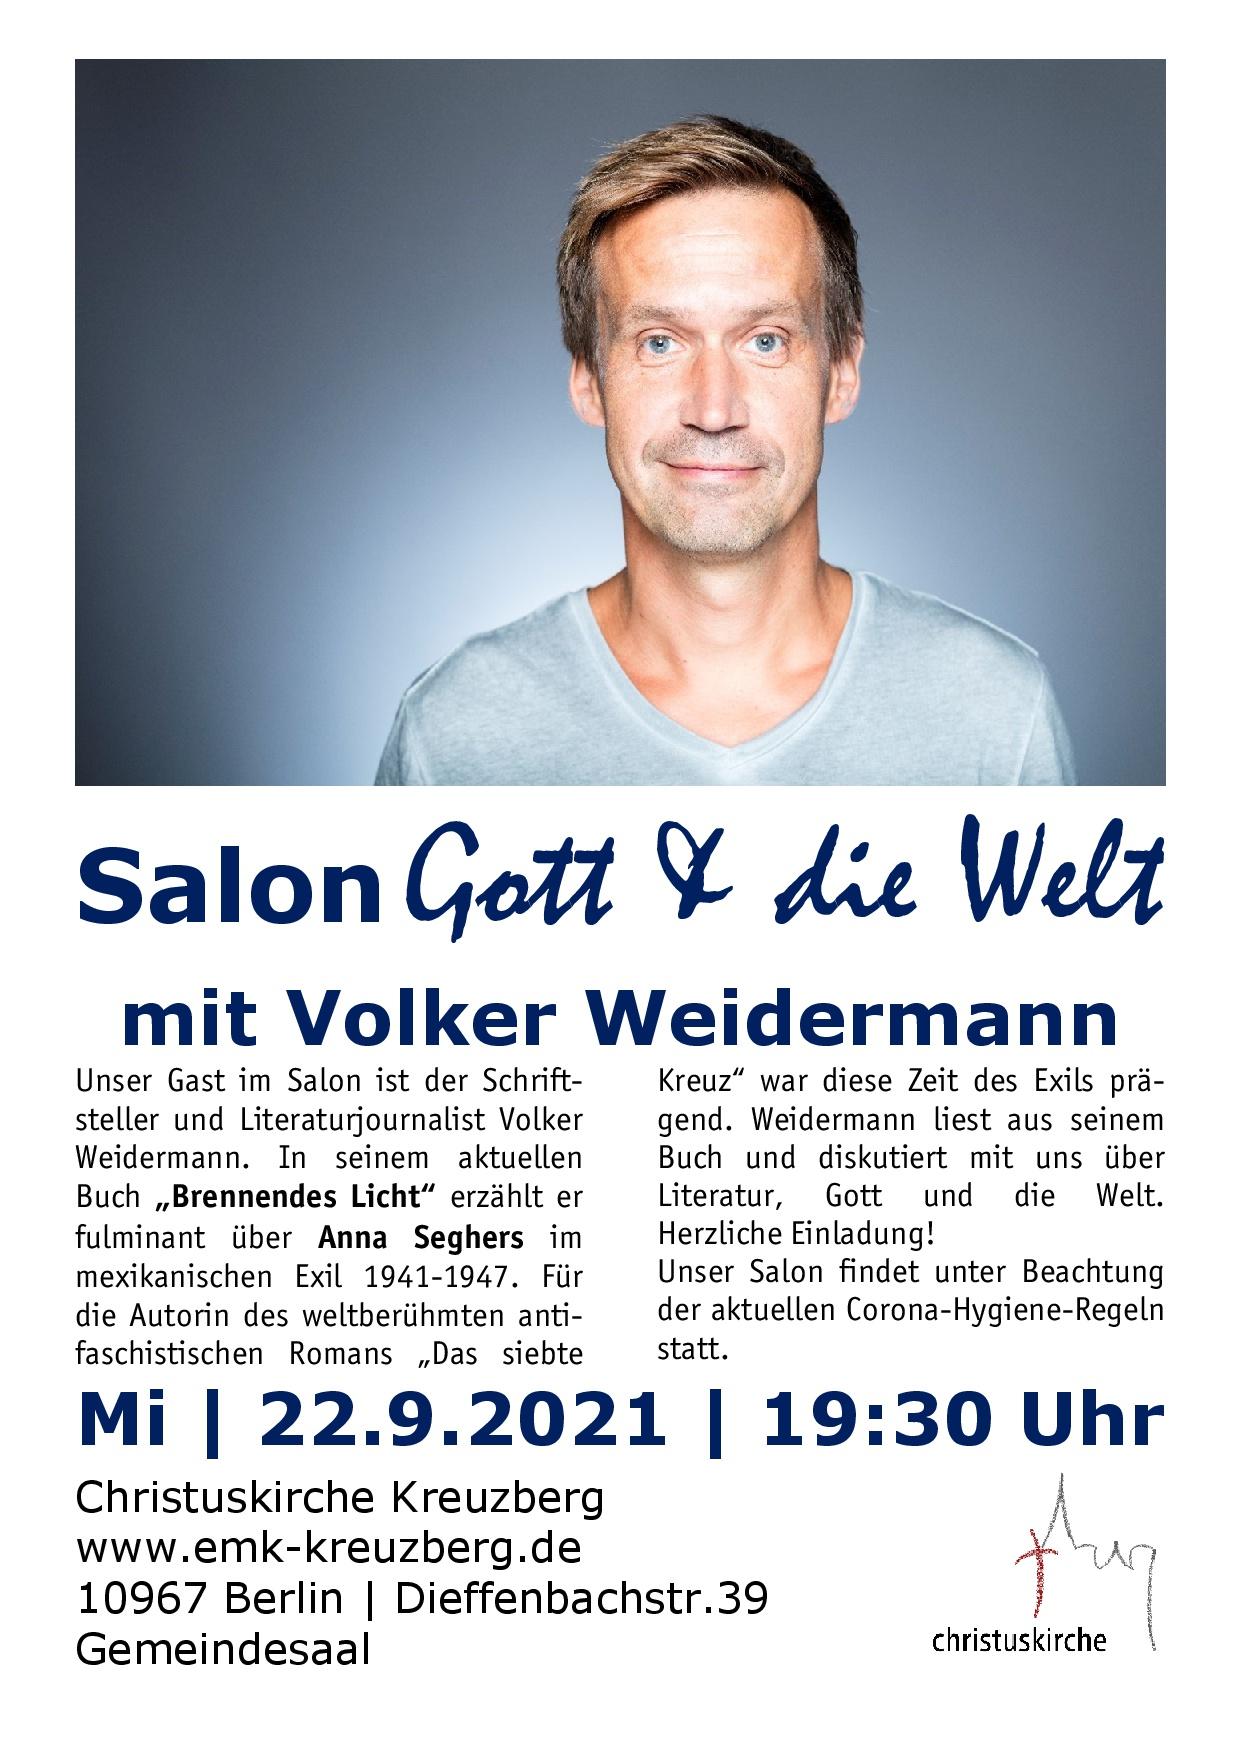 Salon Gott&die Welt | 22.9.2021 um 19:30 Uhr